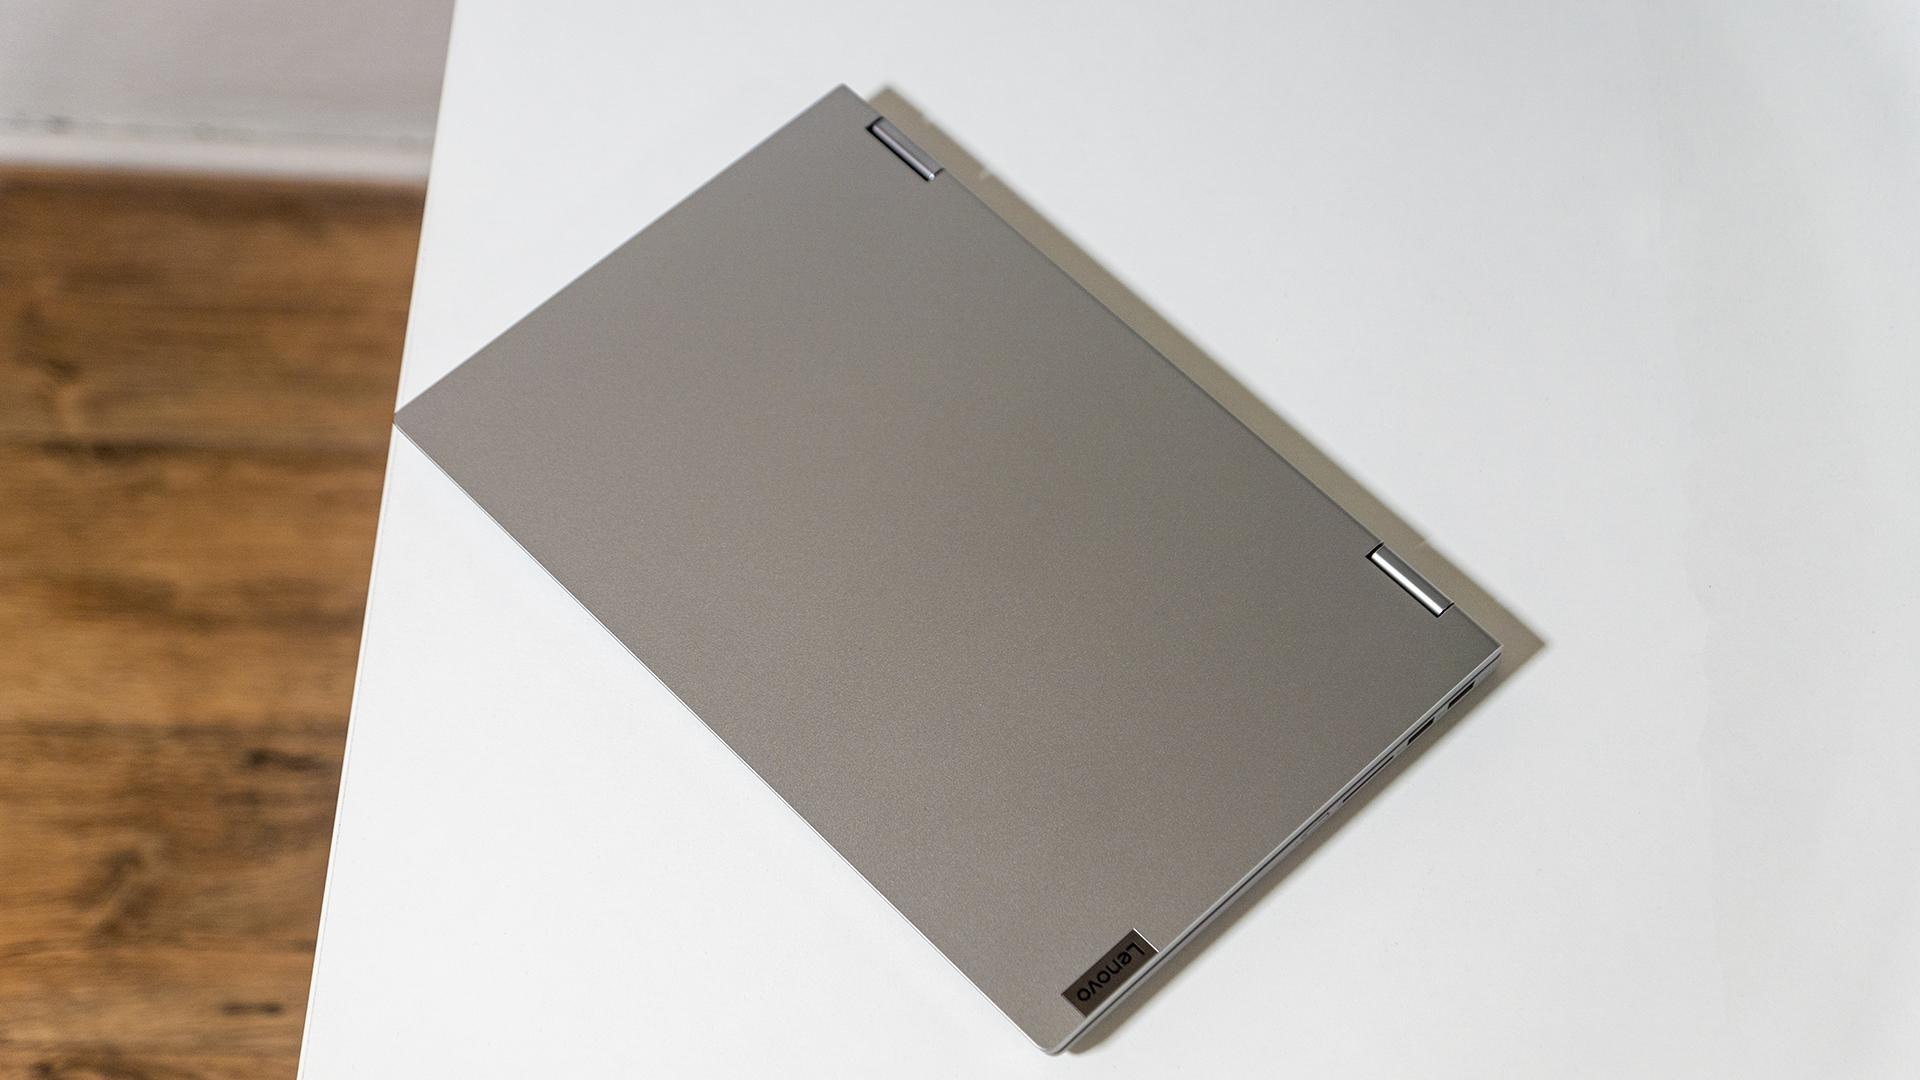 Lenovo IdeaPad Flex 5 Aluminium Deckel geschlossen